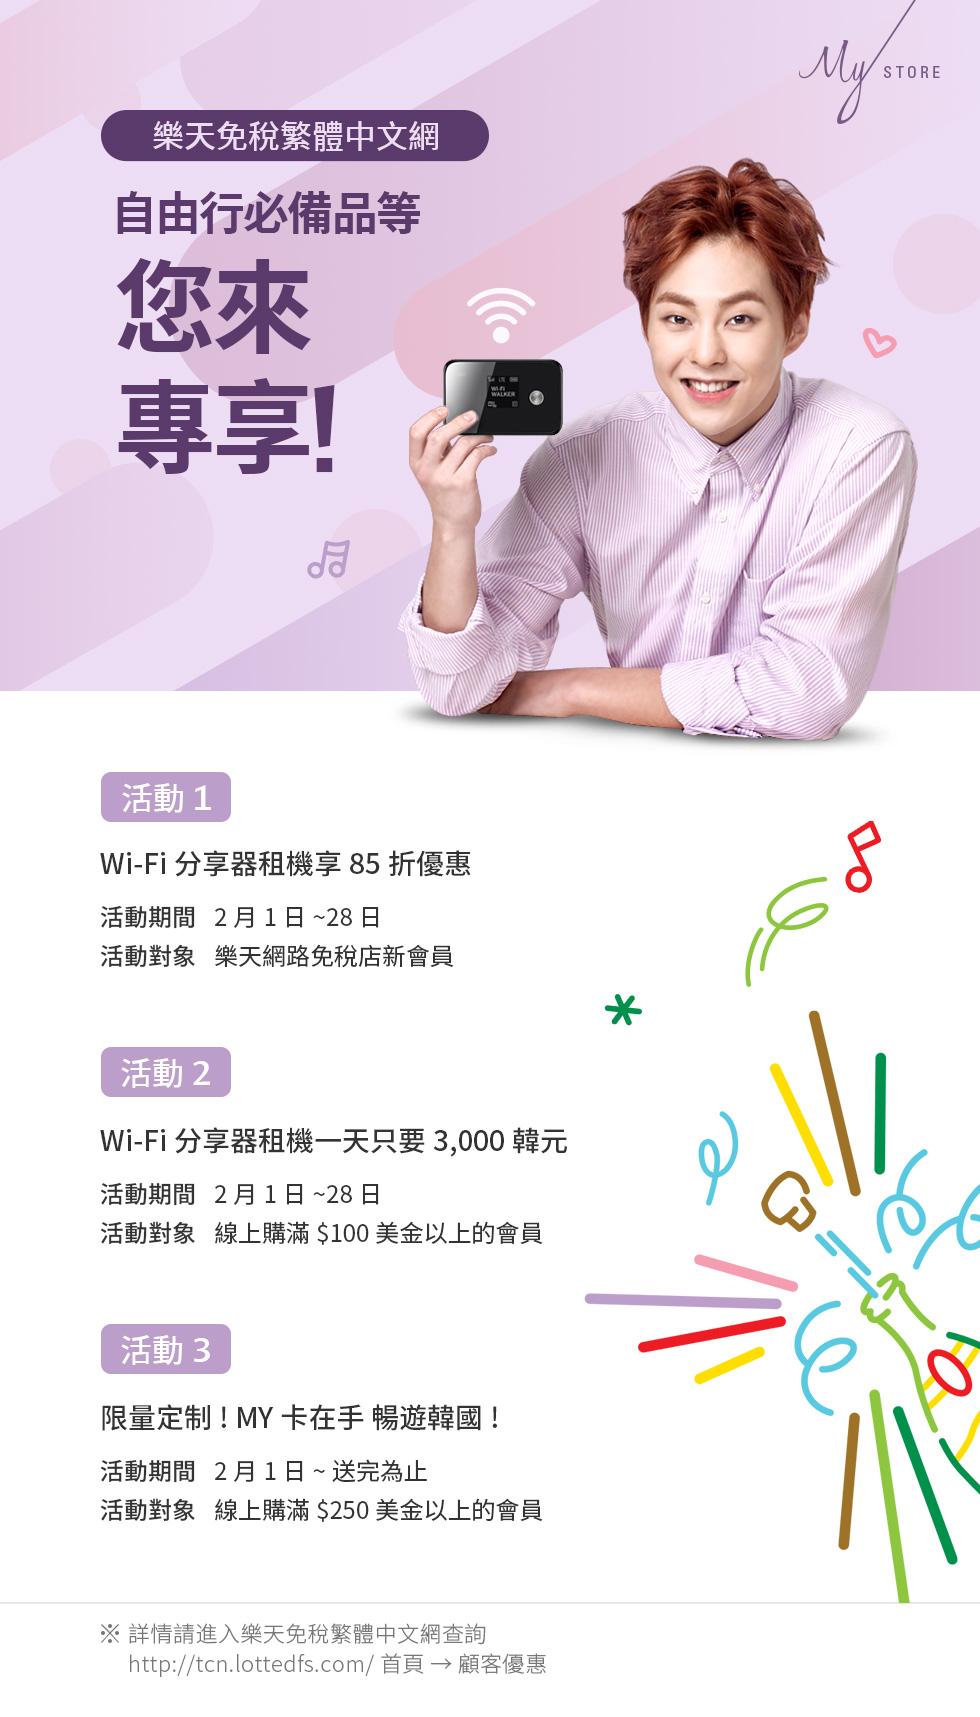 樂天免稅繁體中文網 自由行必備品等您來專享!